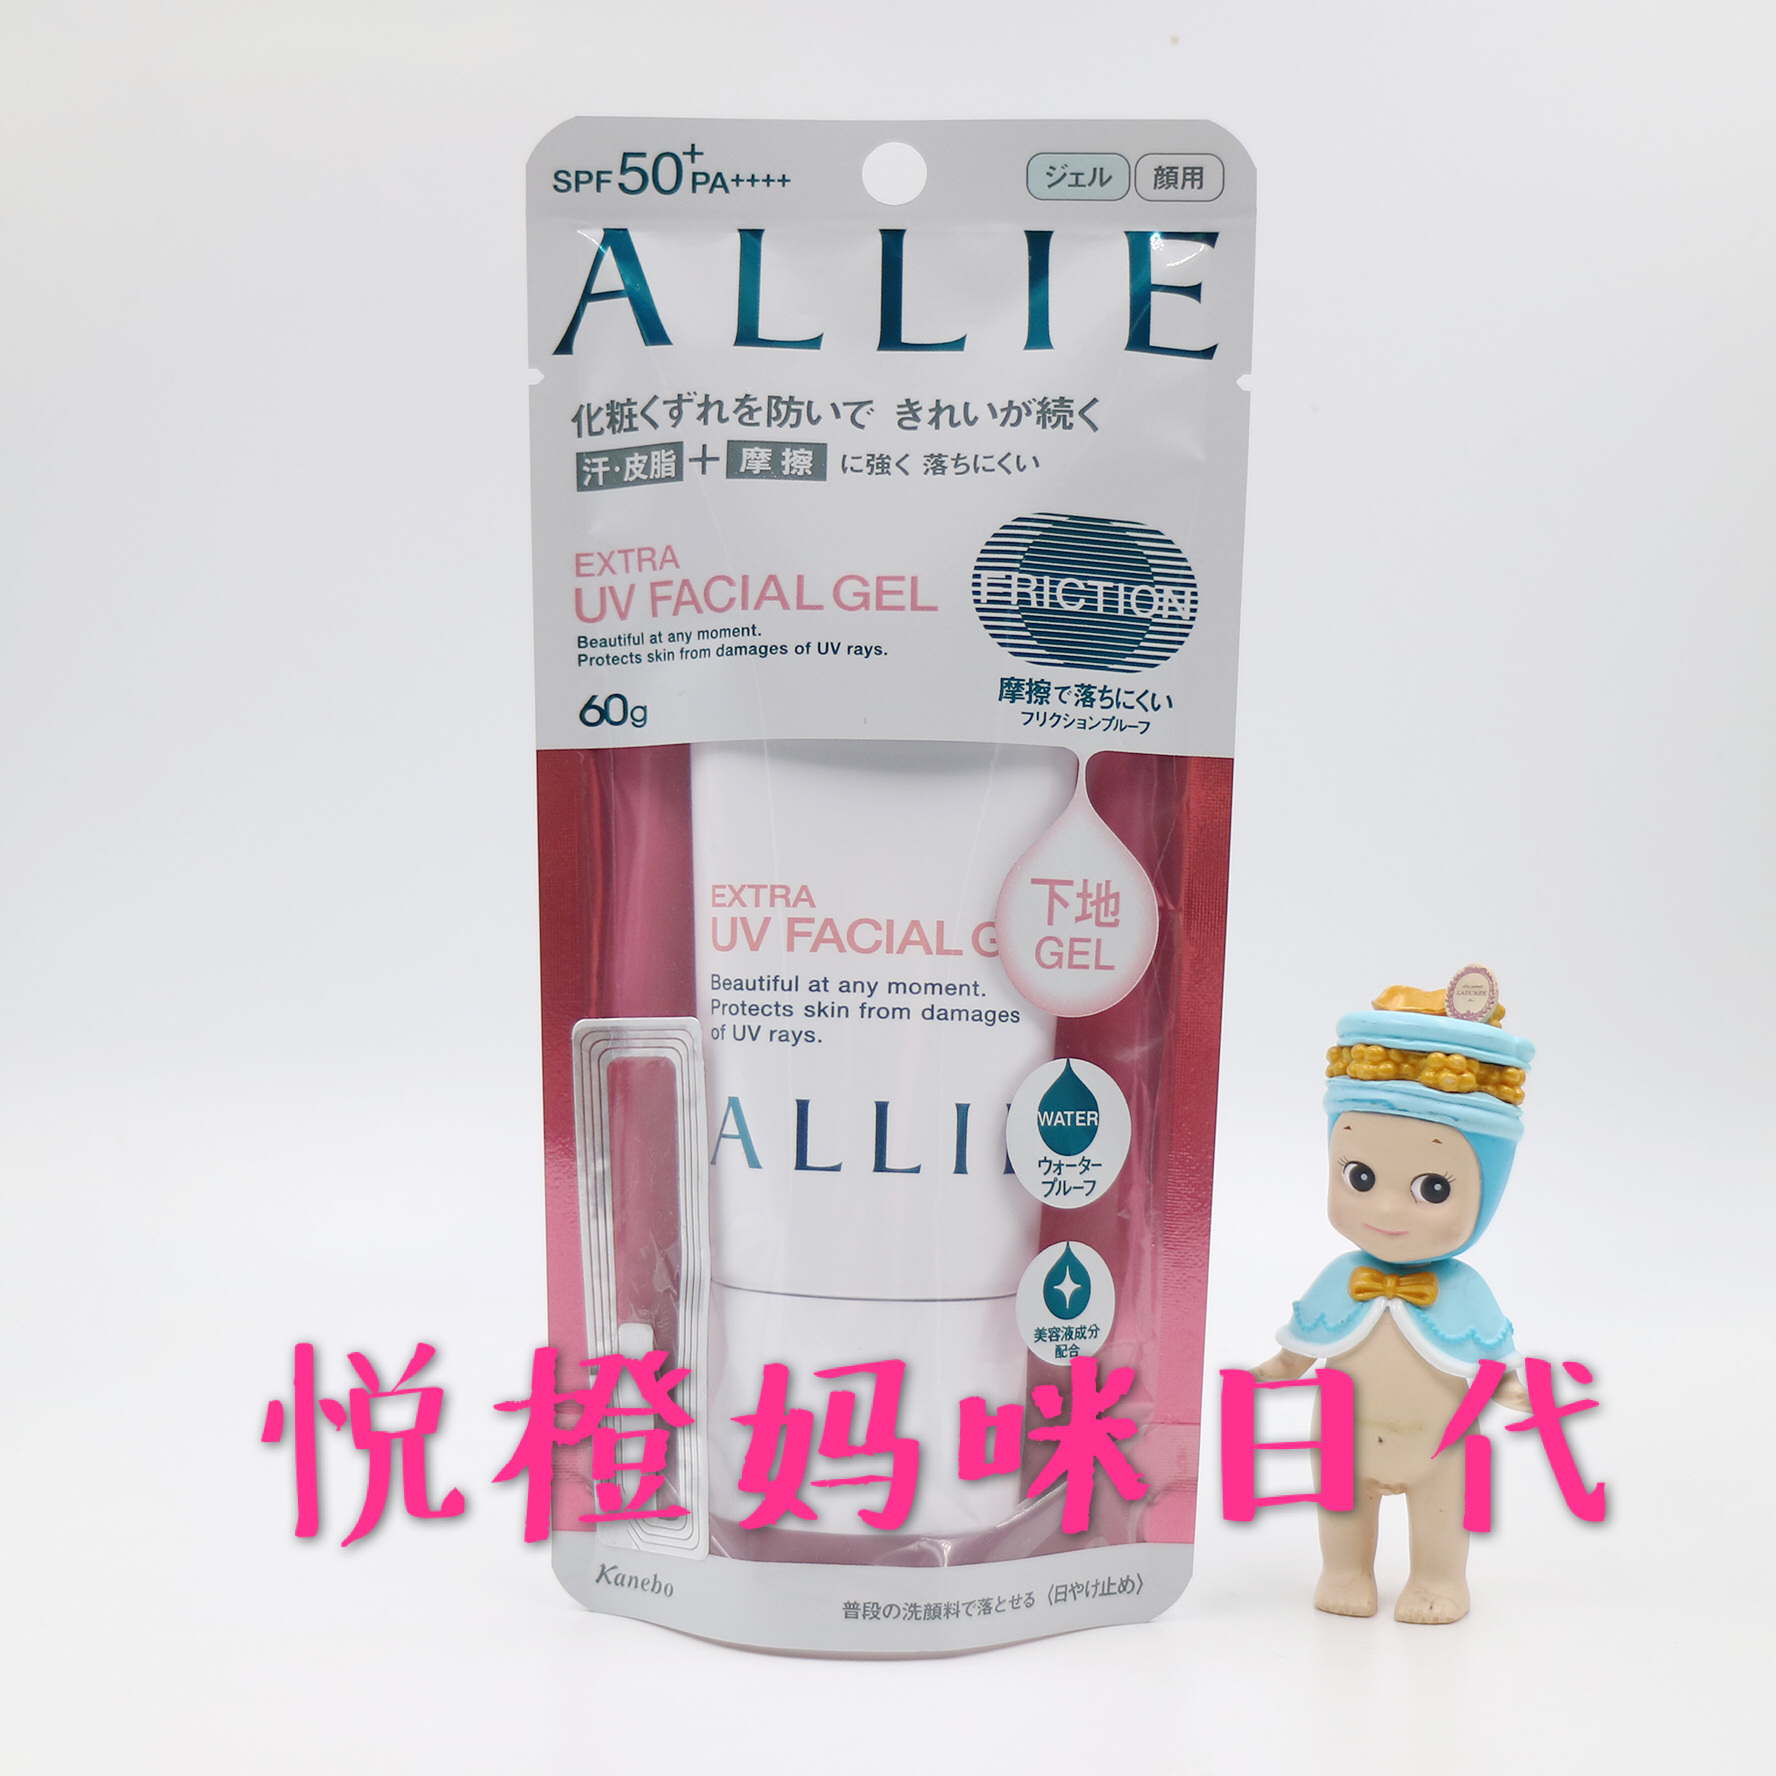 现货日本2018新款嘉娜宝ALLIE防晒霜粉色持久控油spf5060g